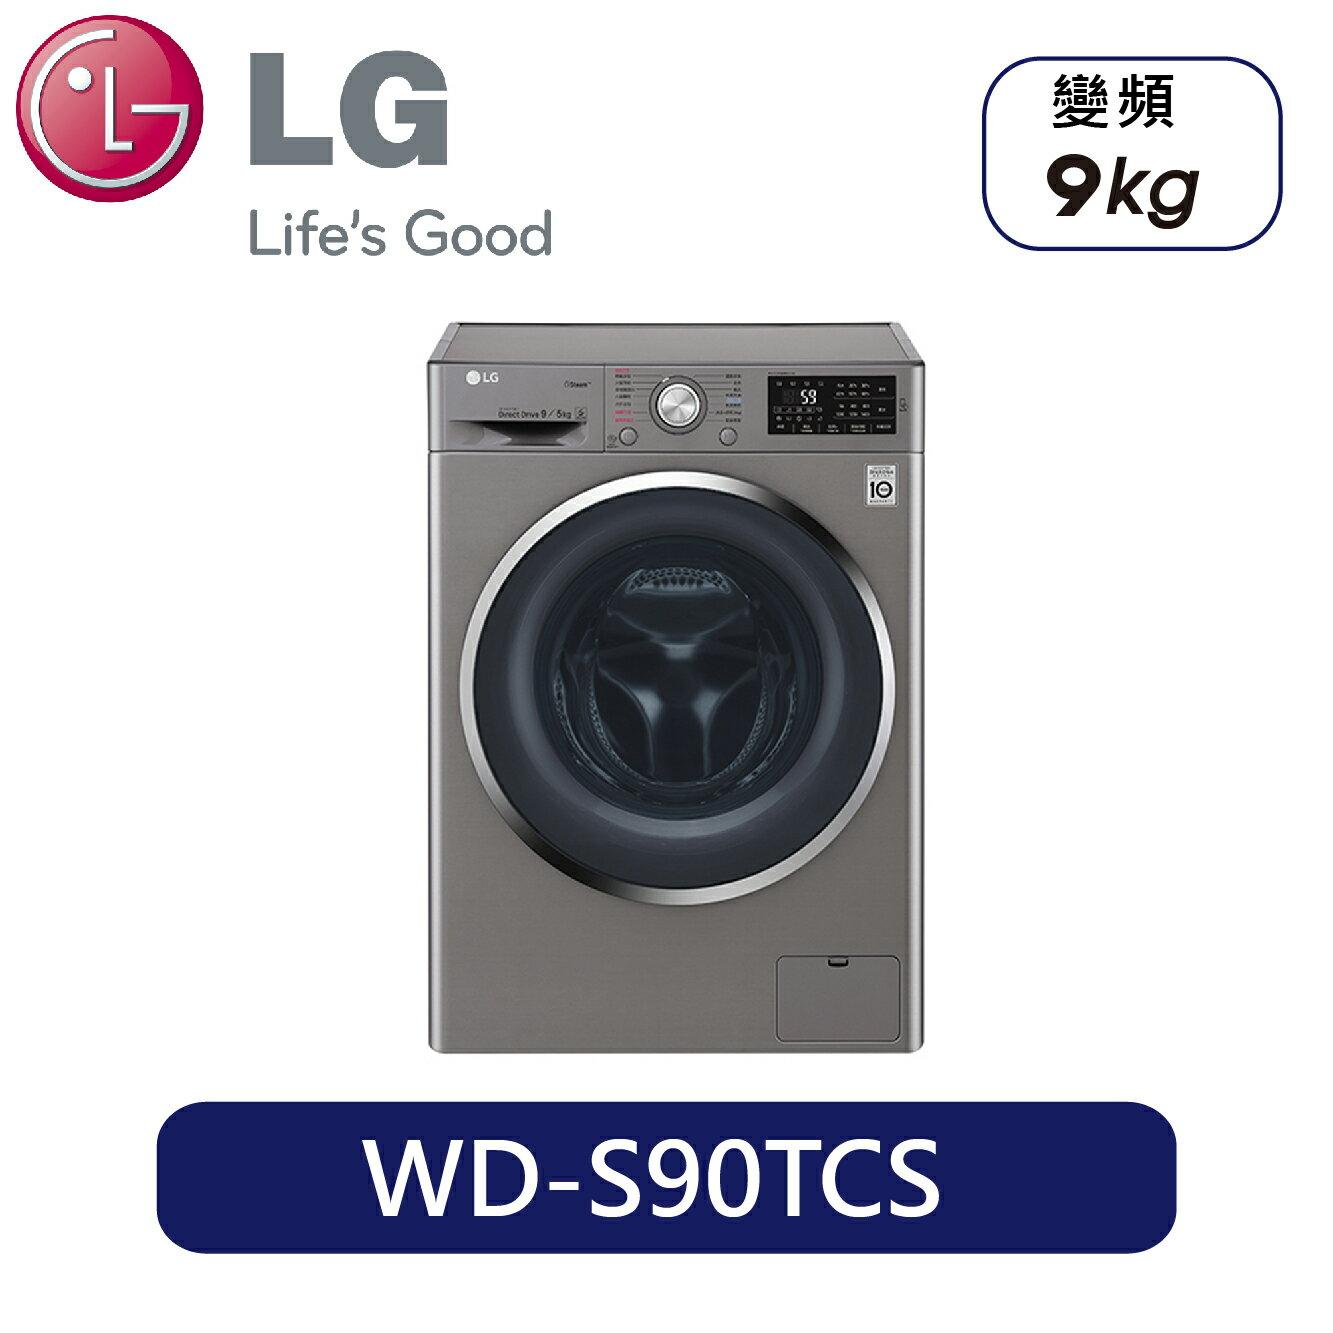 LG | 9KG 蒸氣滾筒 直驅變頻式洗衣機 精緻銀 WD-S90TCS